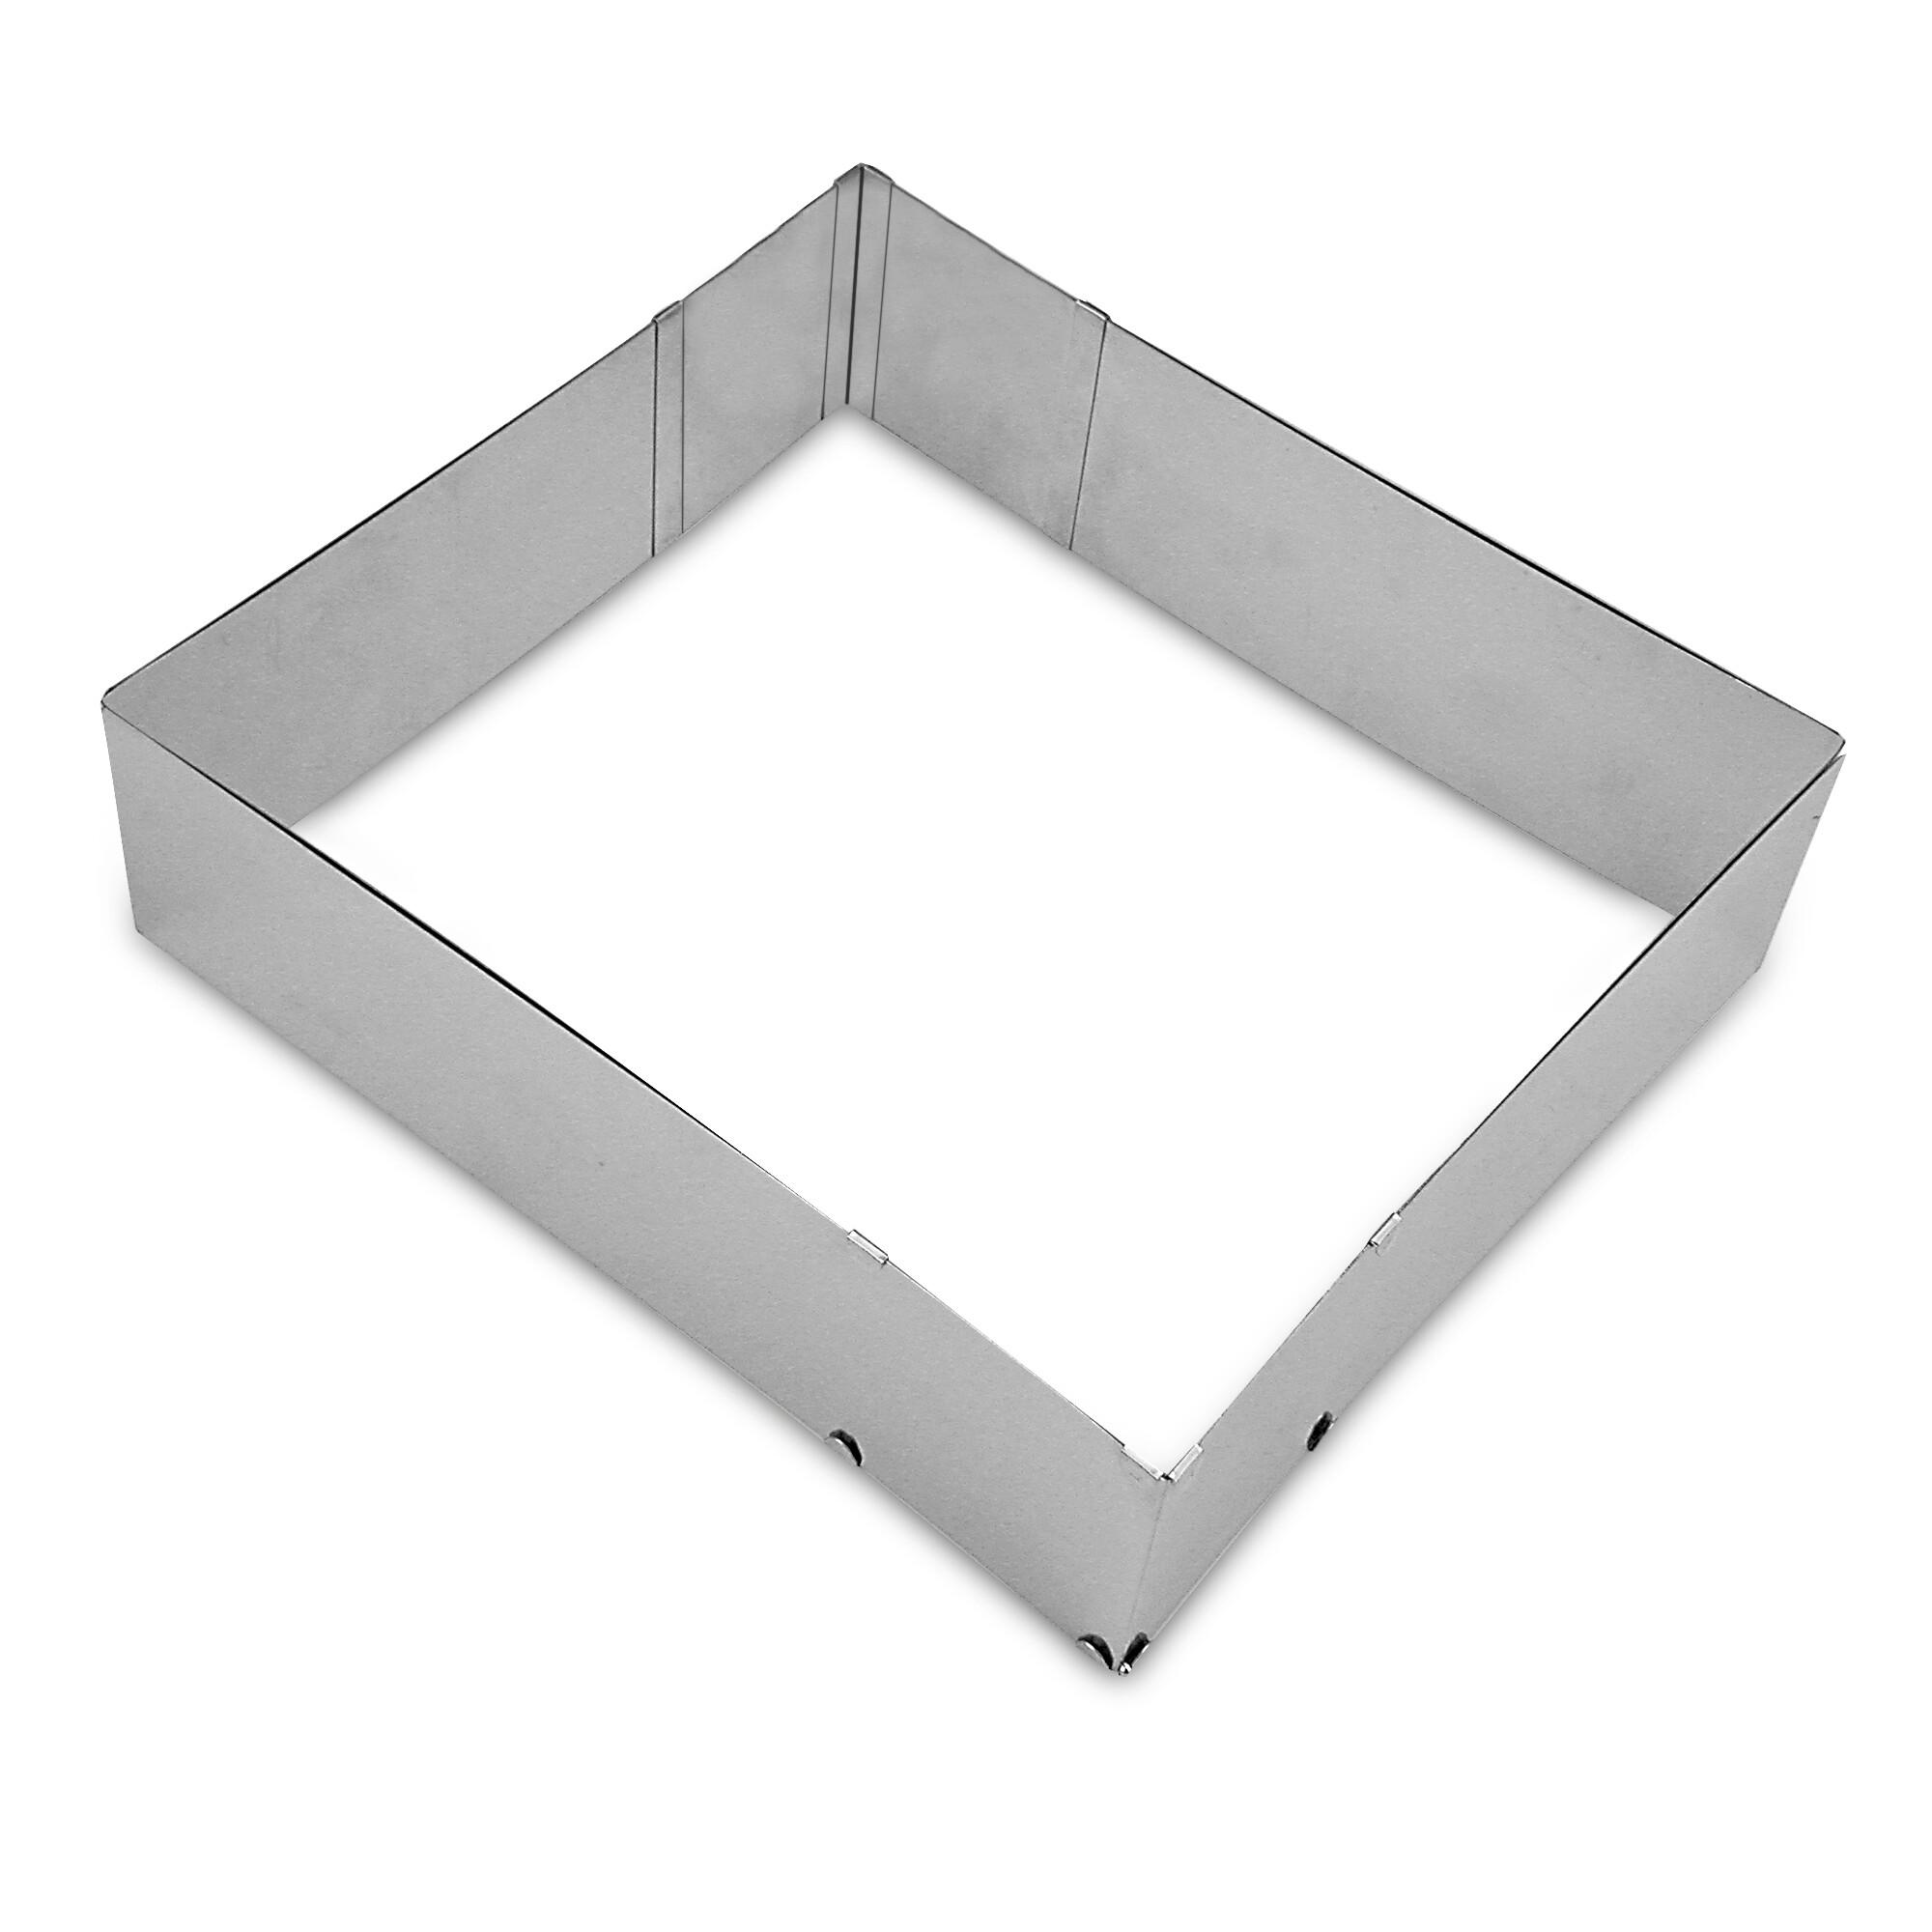 Backing frame - Moss - adjustable